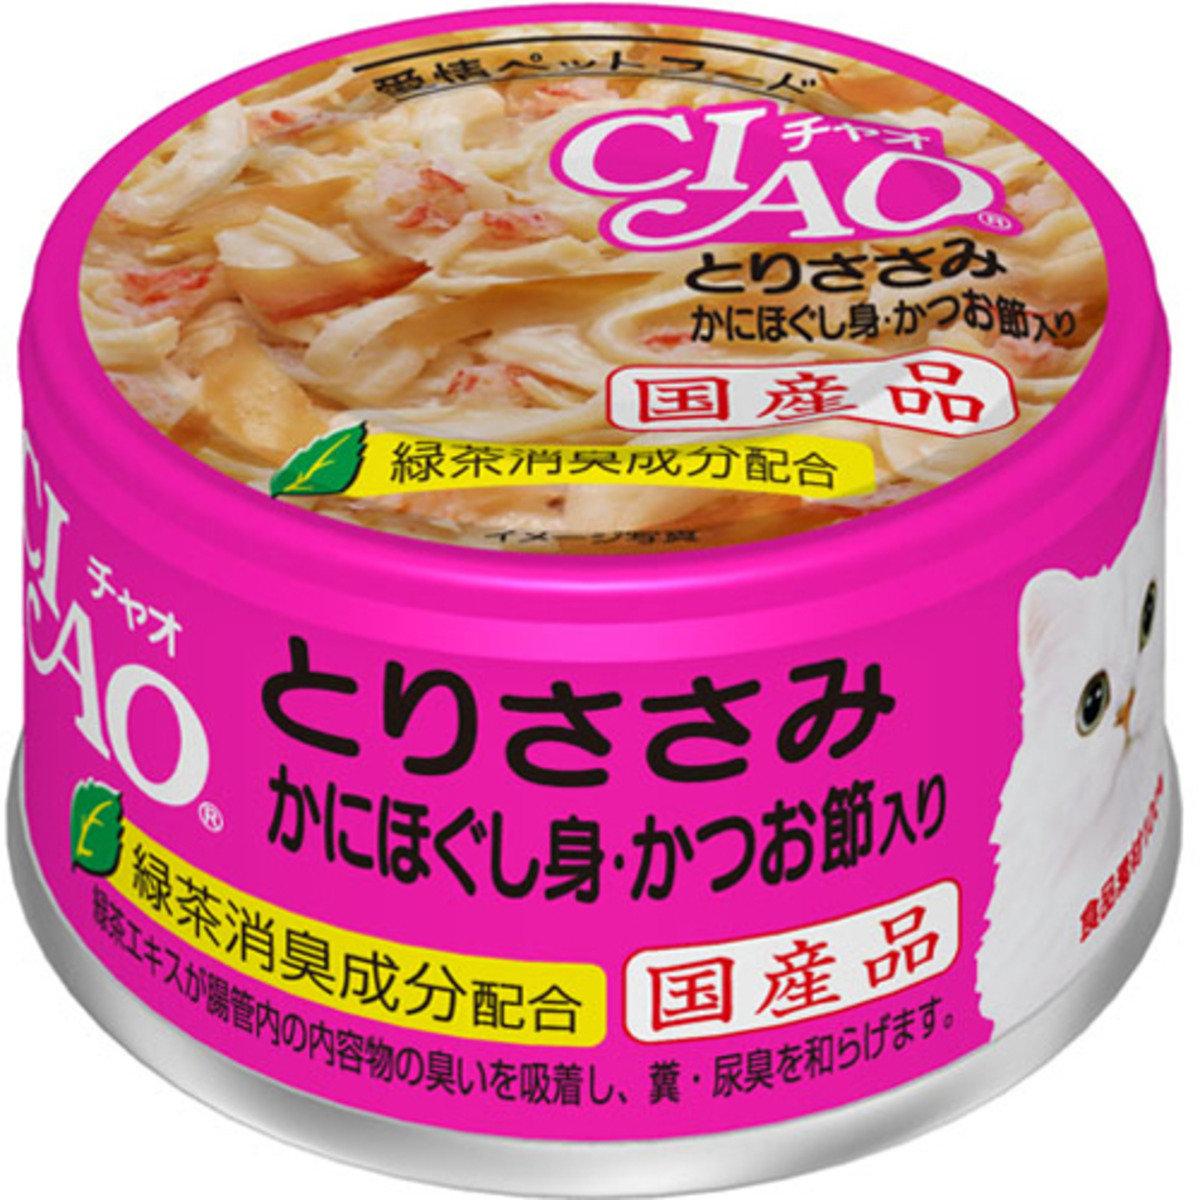 日本CIAO綠茶雞肉紅雪蟹鰹魚 A-17